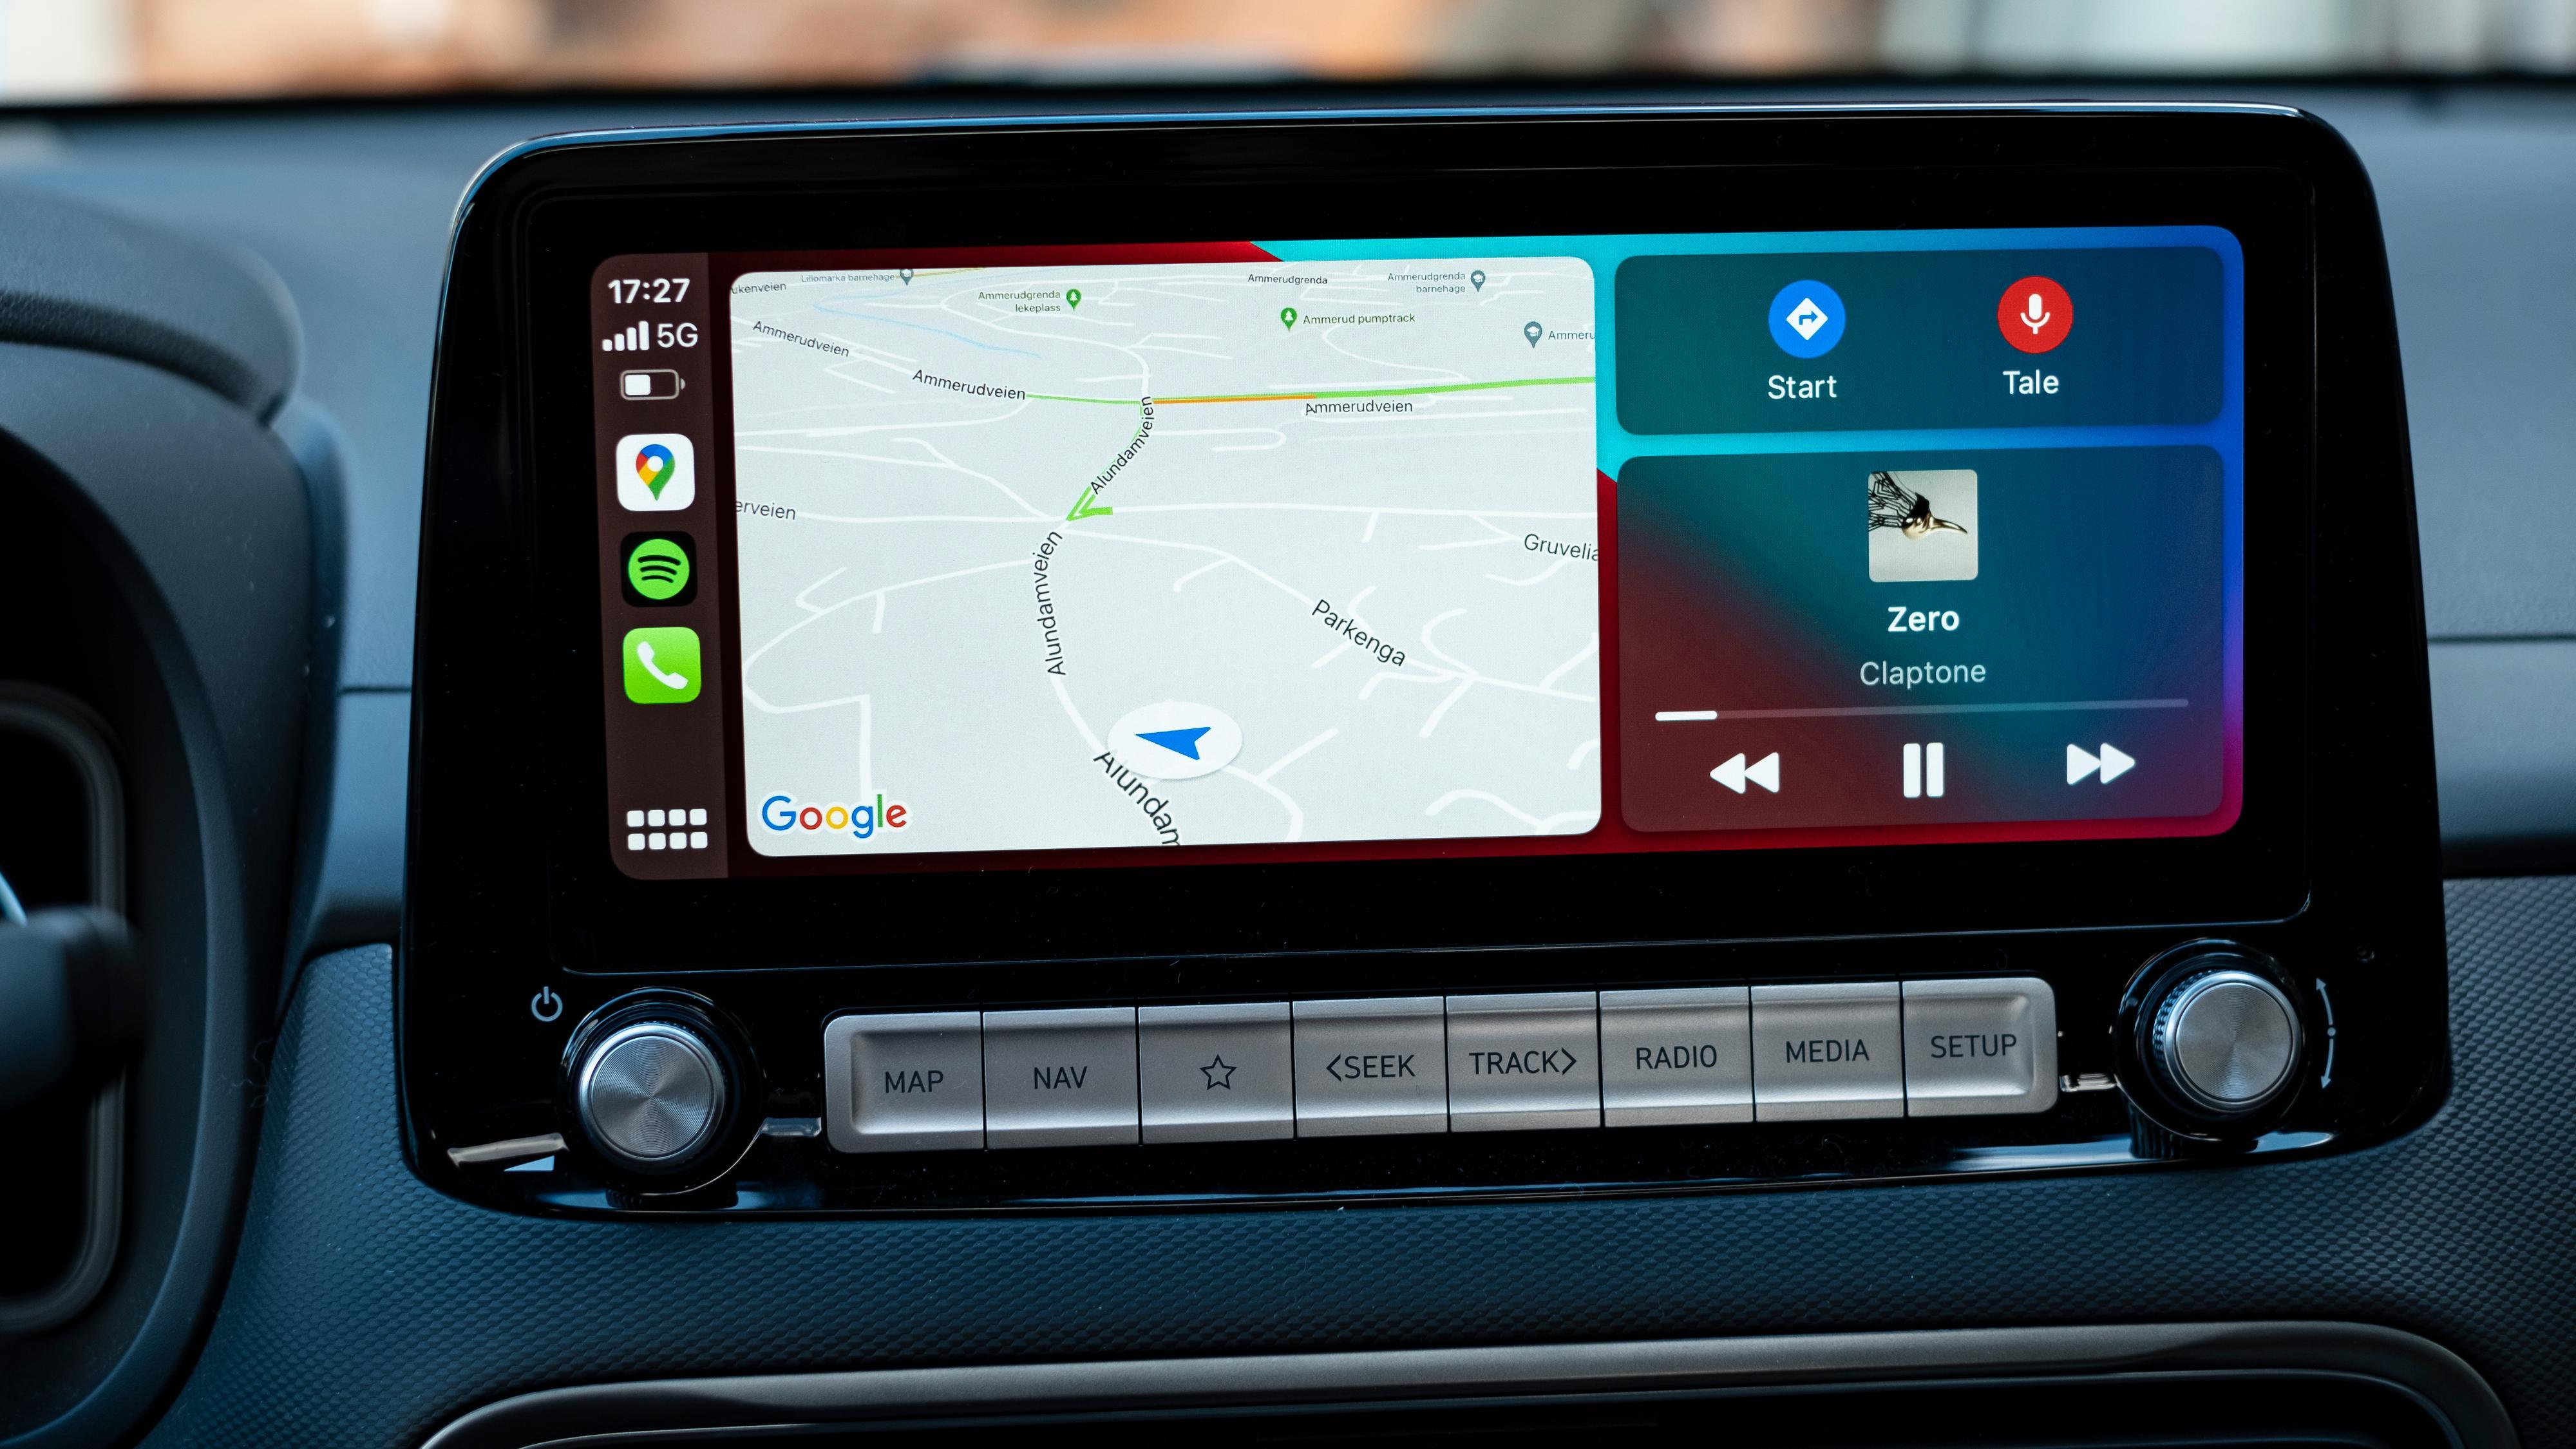 Apples Carplay gir tilgang for eksempel til å bruke Google Maps fra telefonen som navigasjon på bilens infotainmentskjerm. Nå vil Apple utvide til å styre langt flere funksjoner, ifølge Bloomberg.